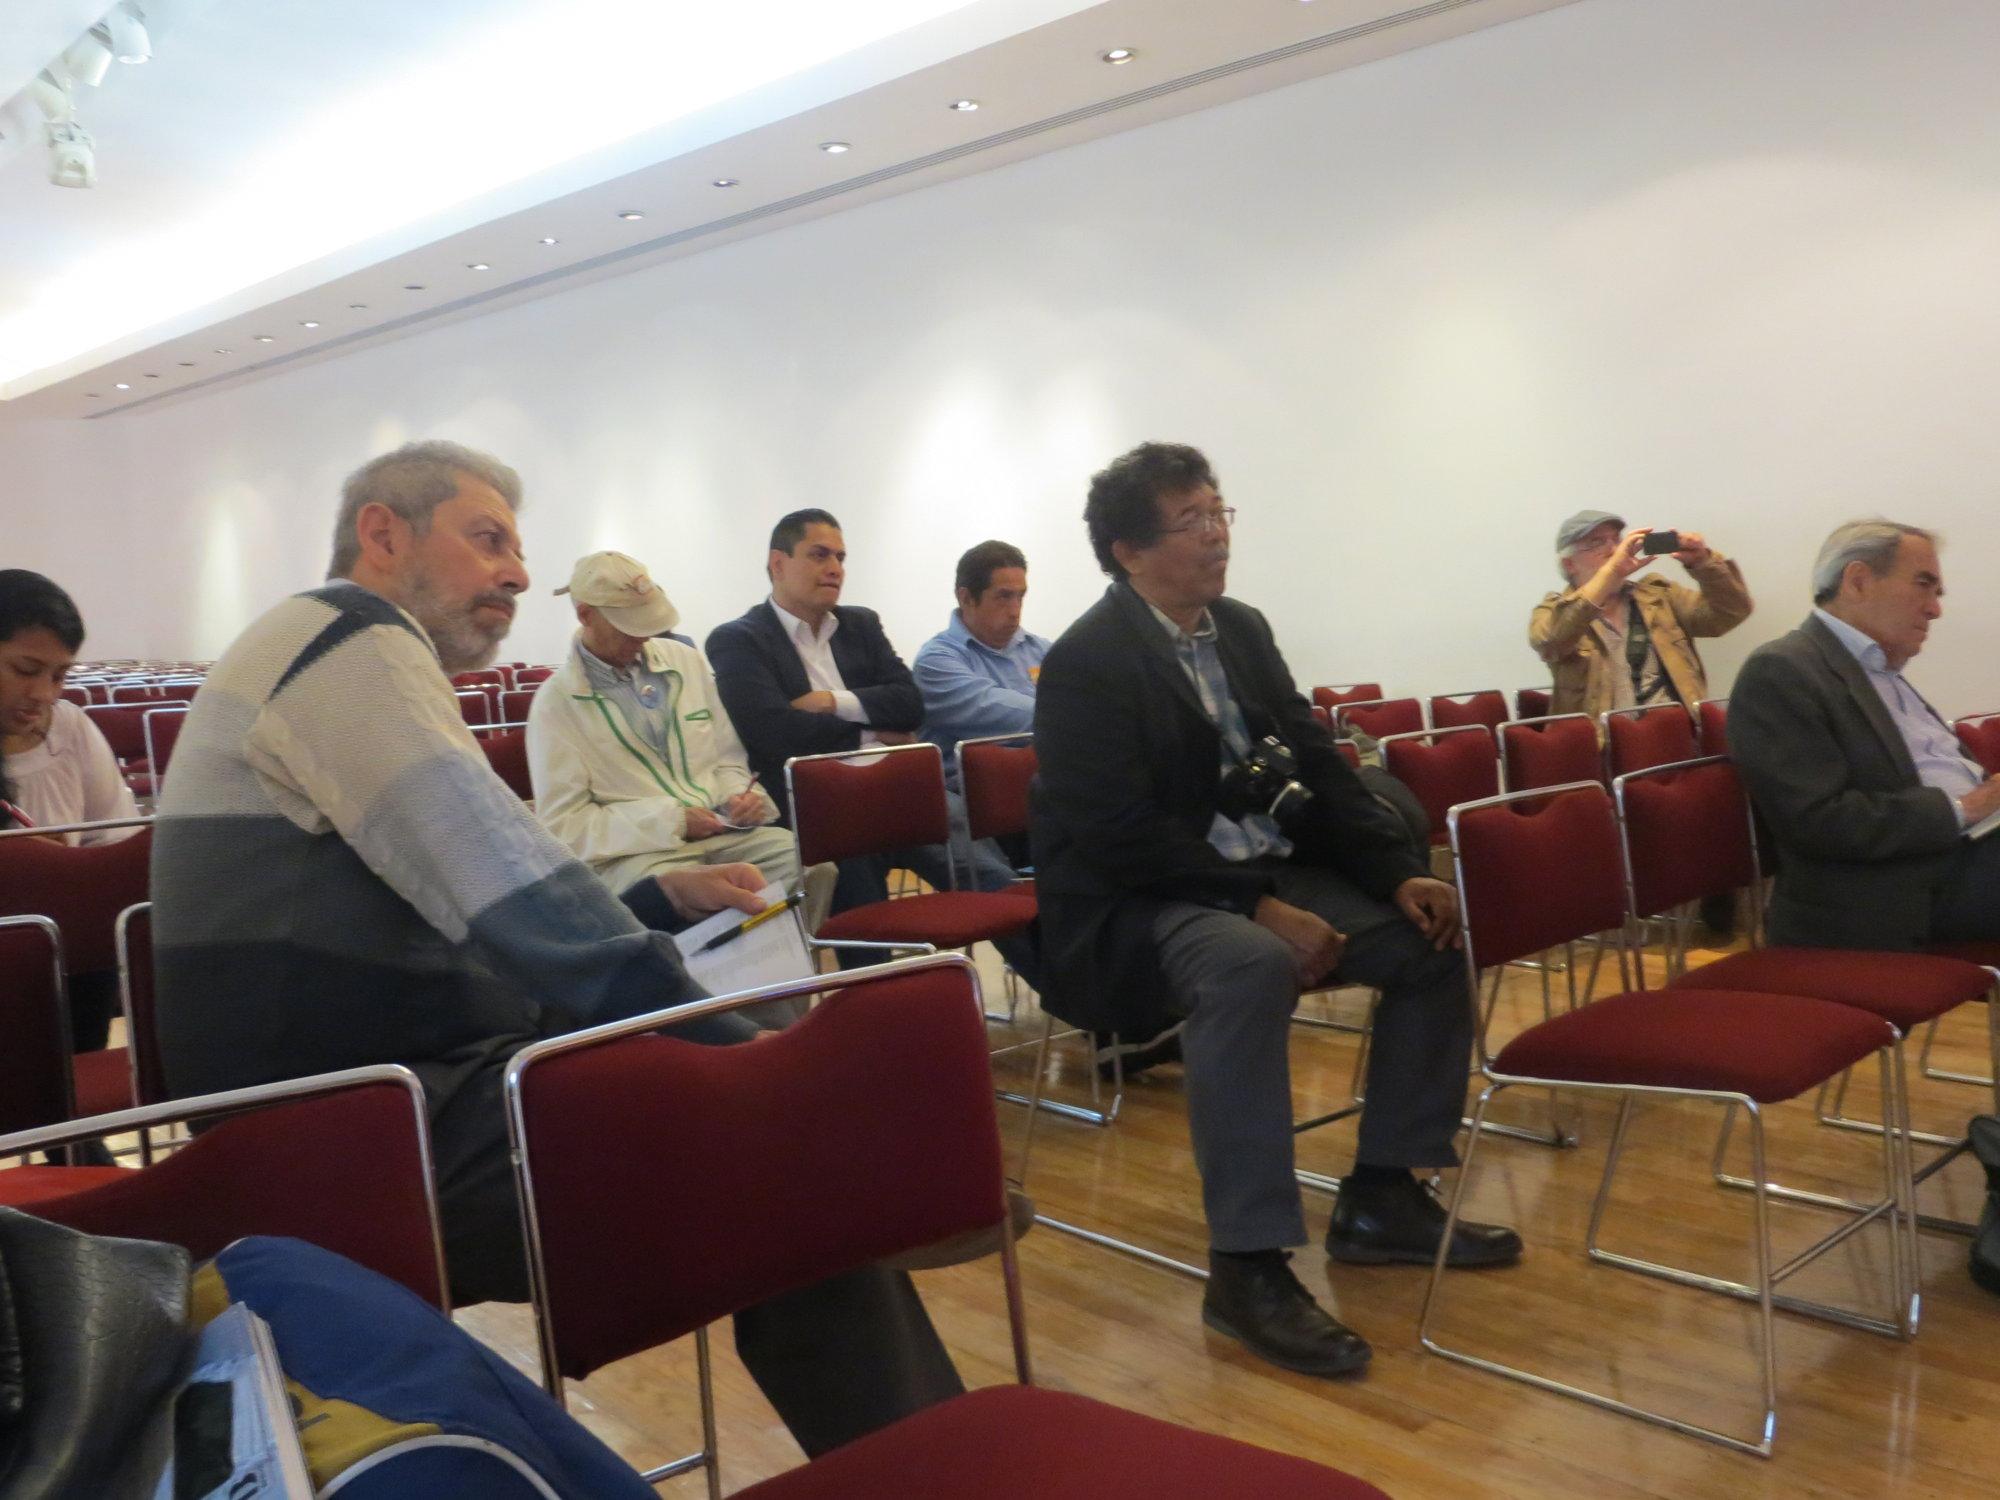 Rueda de prensa en la ciudad de m xico sala adamo boari for Sala 0 palacio de la prensa